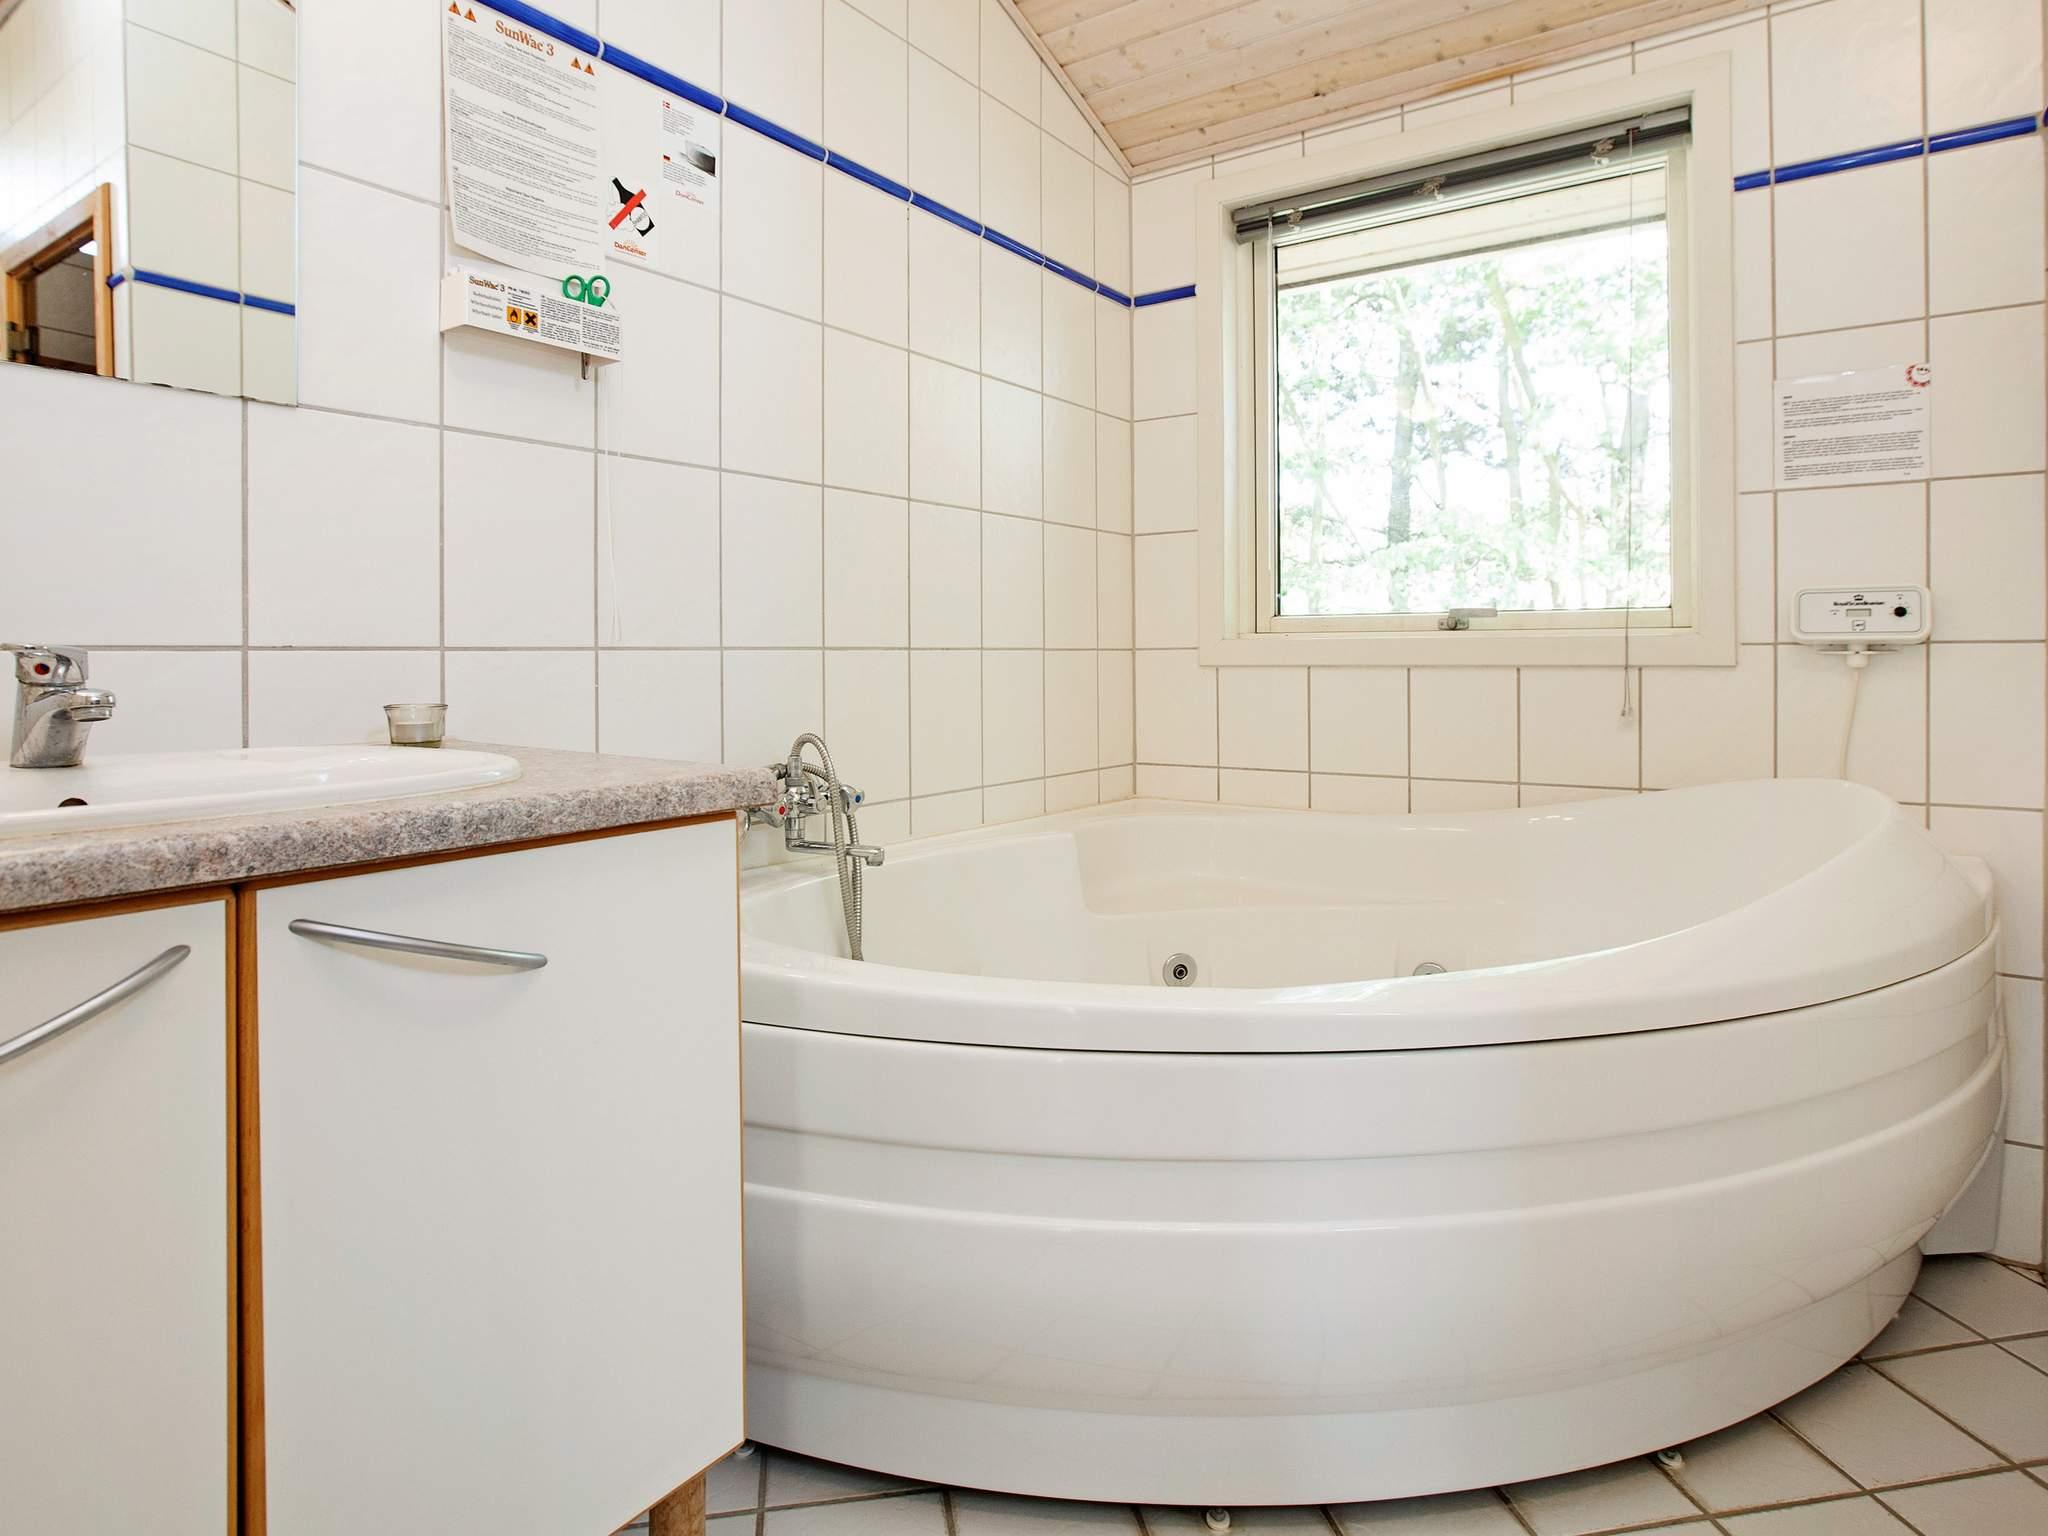 Ferienhaus Marielyst (85706), Marielyst, , Falster, Dänemark, Bild 16